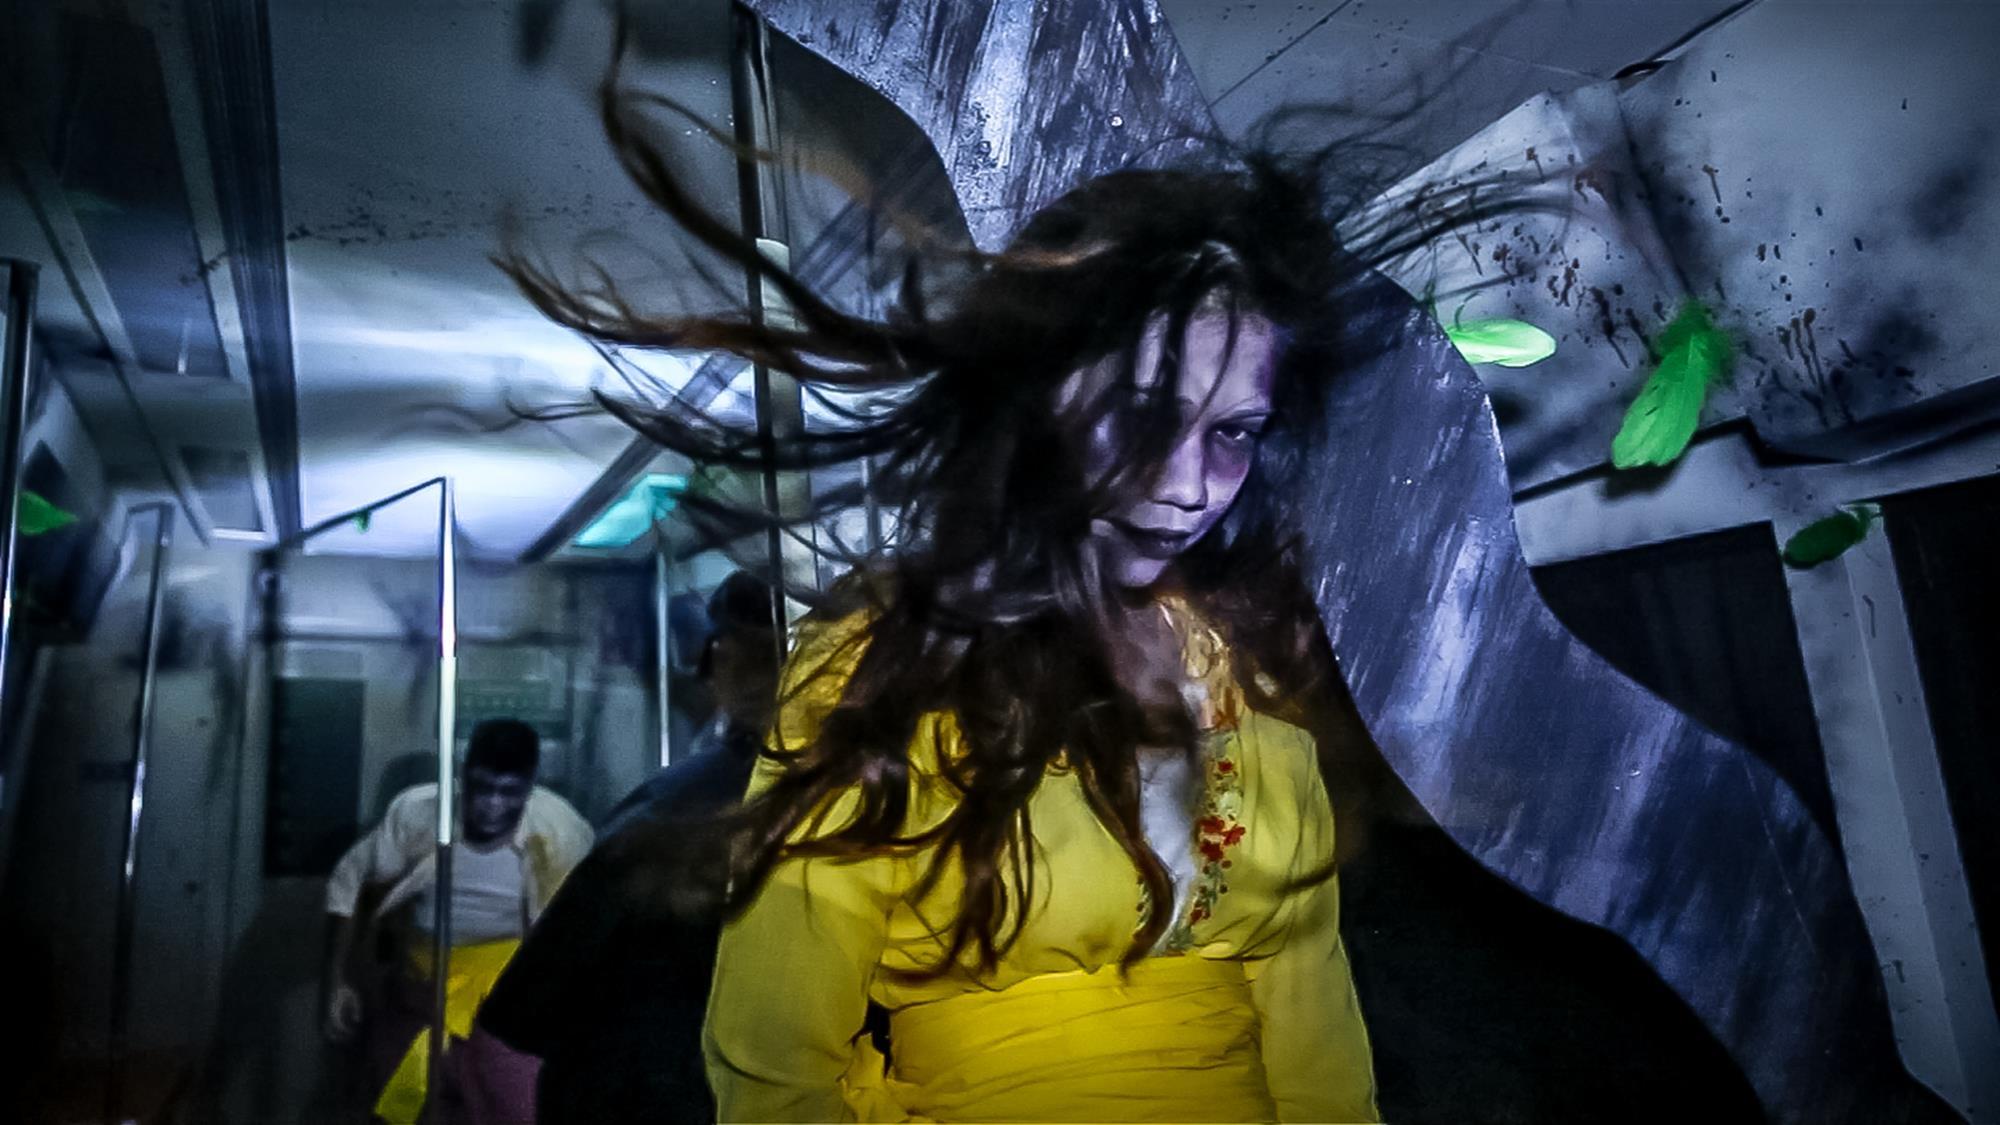 自2011年開始,聖淘沙名勝世界已不斷為您帶來萬聖節驚喜,第6屆《萬聖節驚魂夜》,重點玩有具有新加坡特色的恐怖體驗。新加坡能稱為全球最猛鬼的城市之一,並不是浪得去名,今年就玩「舊樟宜陰魂」和「小販中心食人宴」這兩個深具民間恐怖怪譚特色的鬼屋,真真假假,虛虛實實,大家的膽量要儲足才好了!